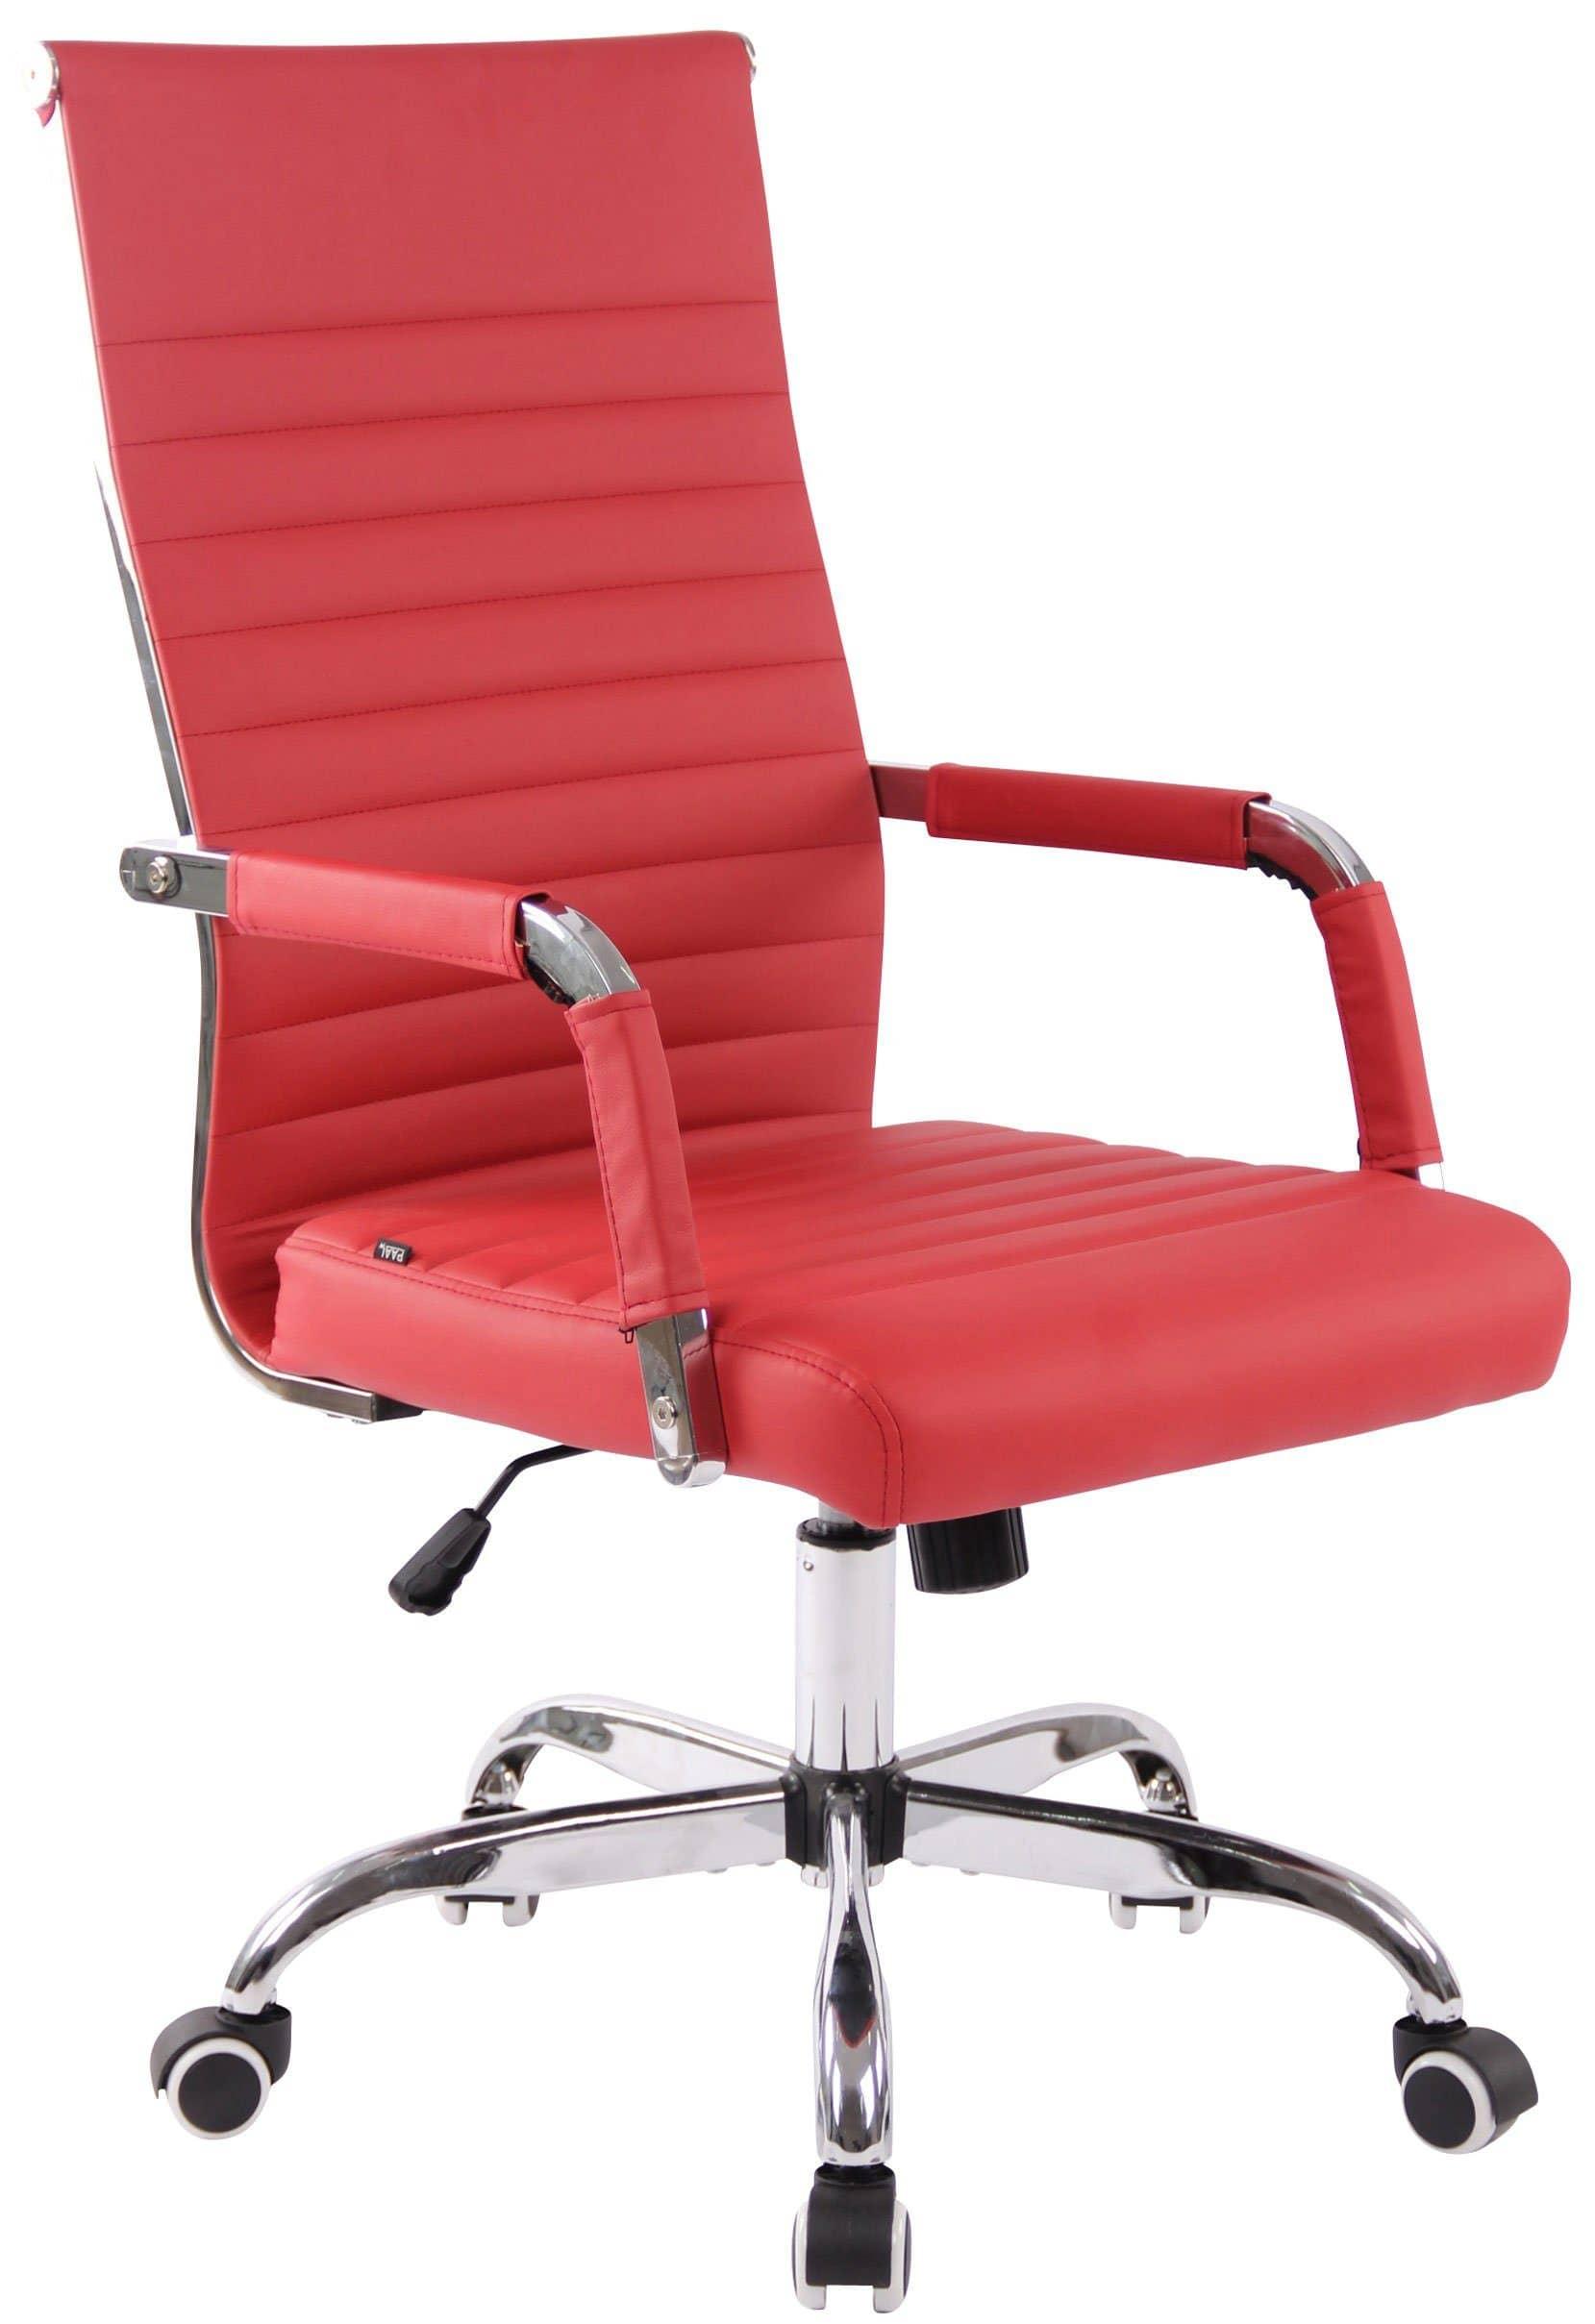 Stühle & Sessel